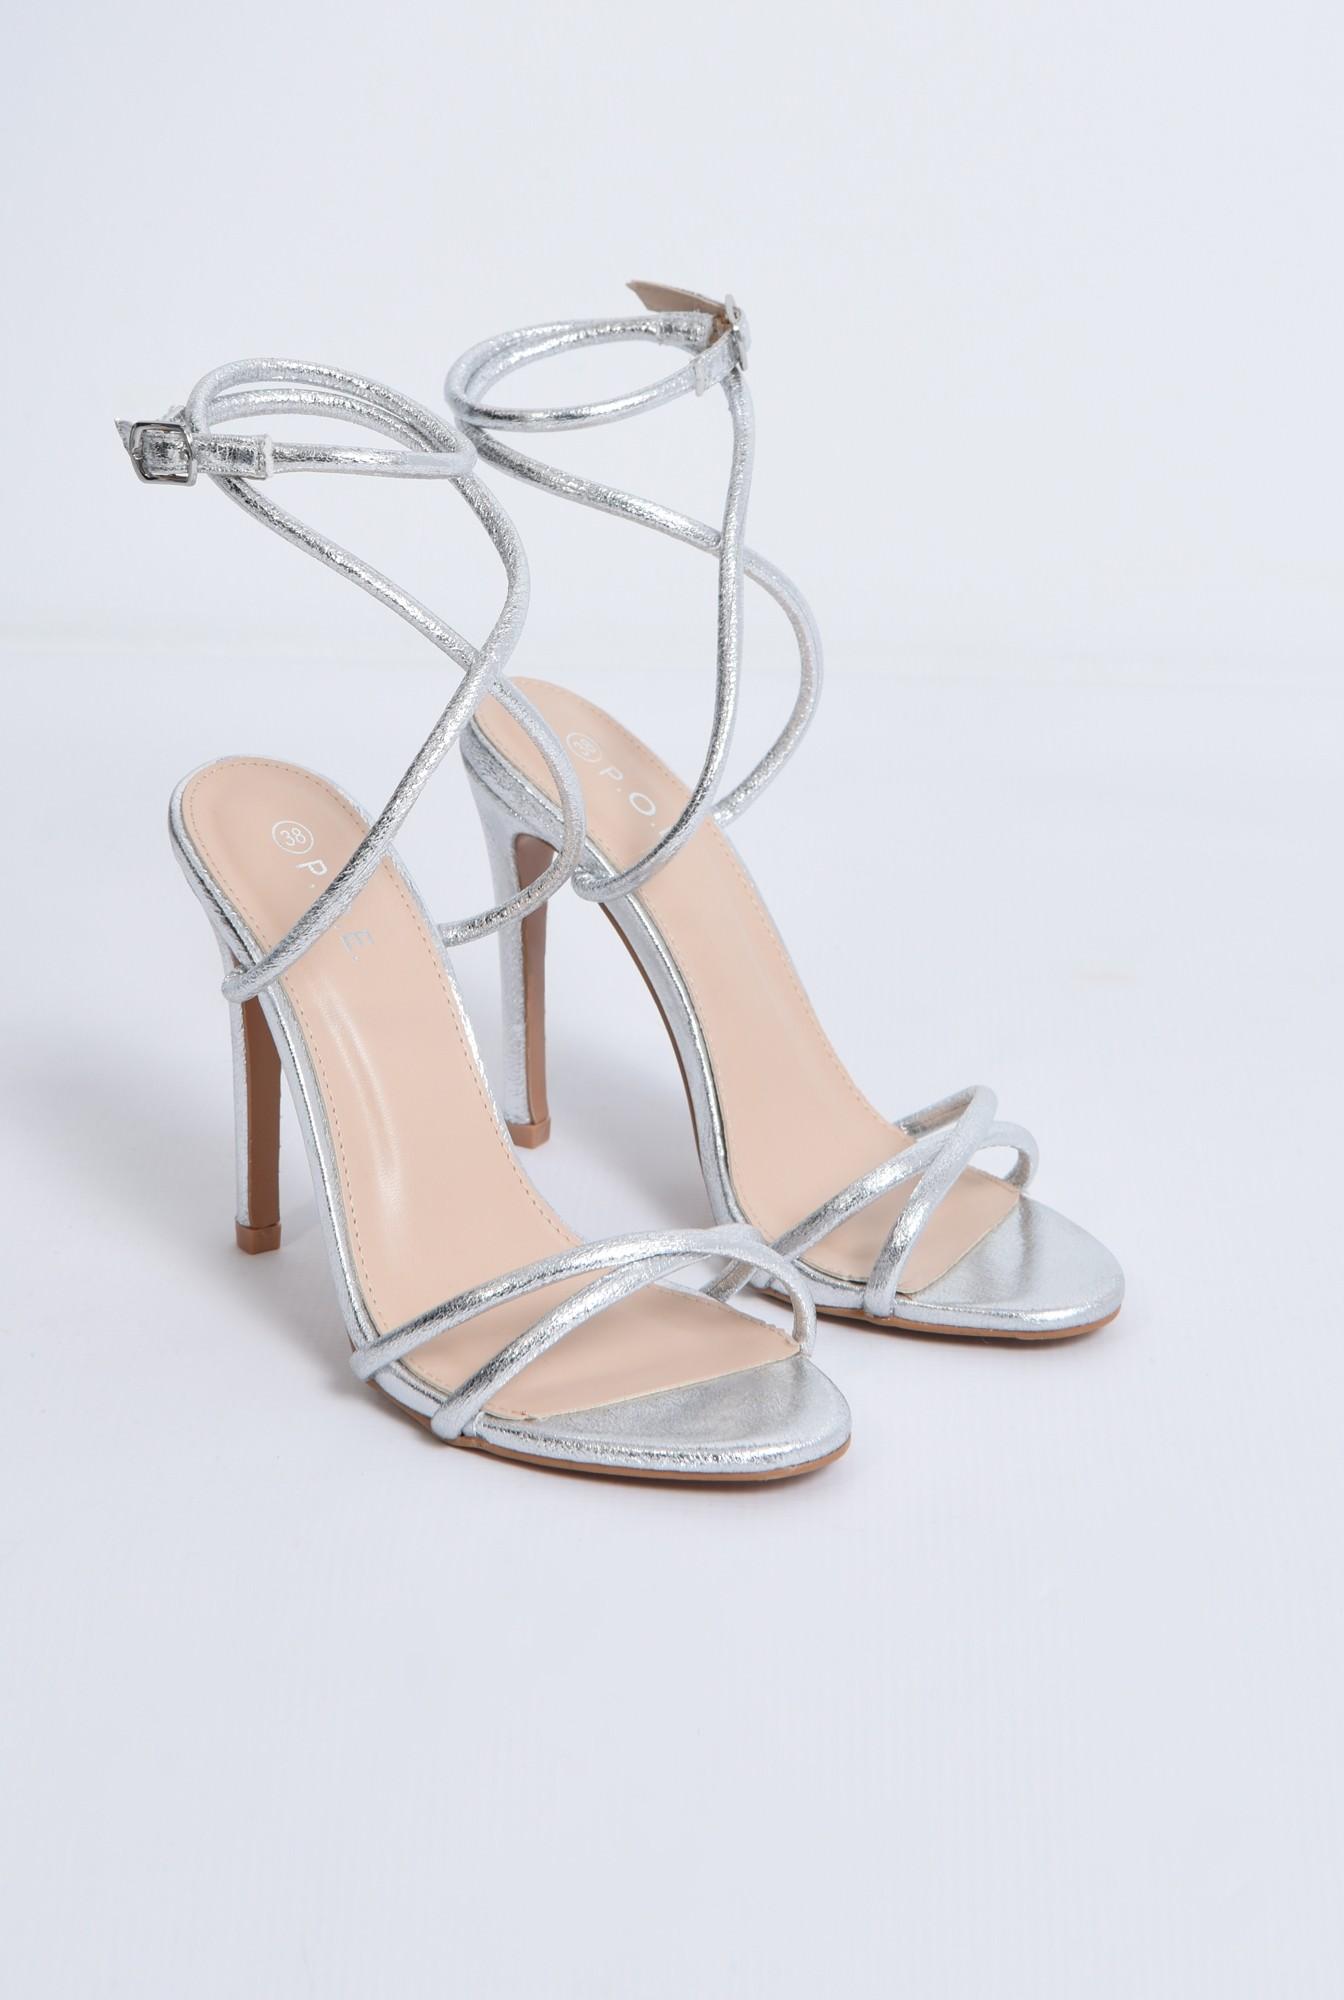 2 - sandale de seara, toc inalt, argintii